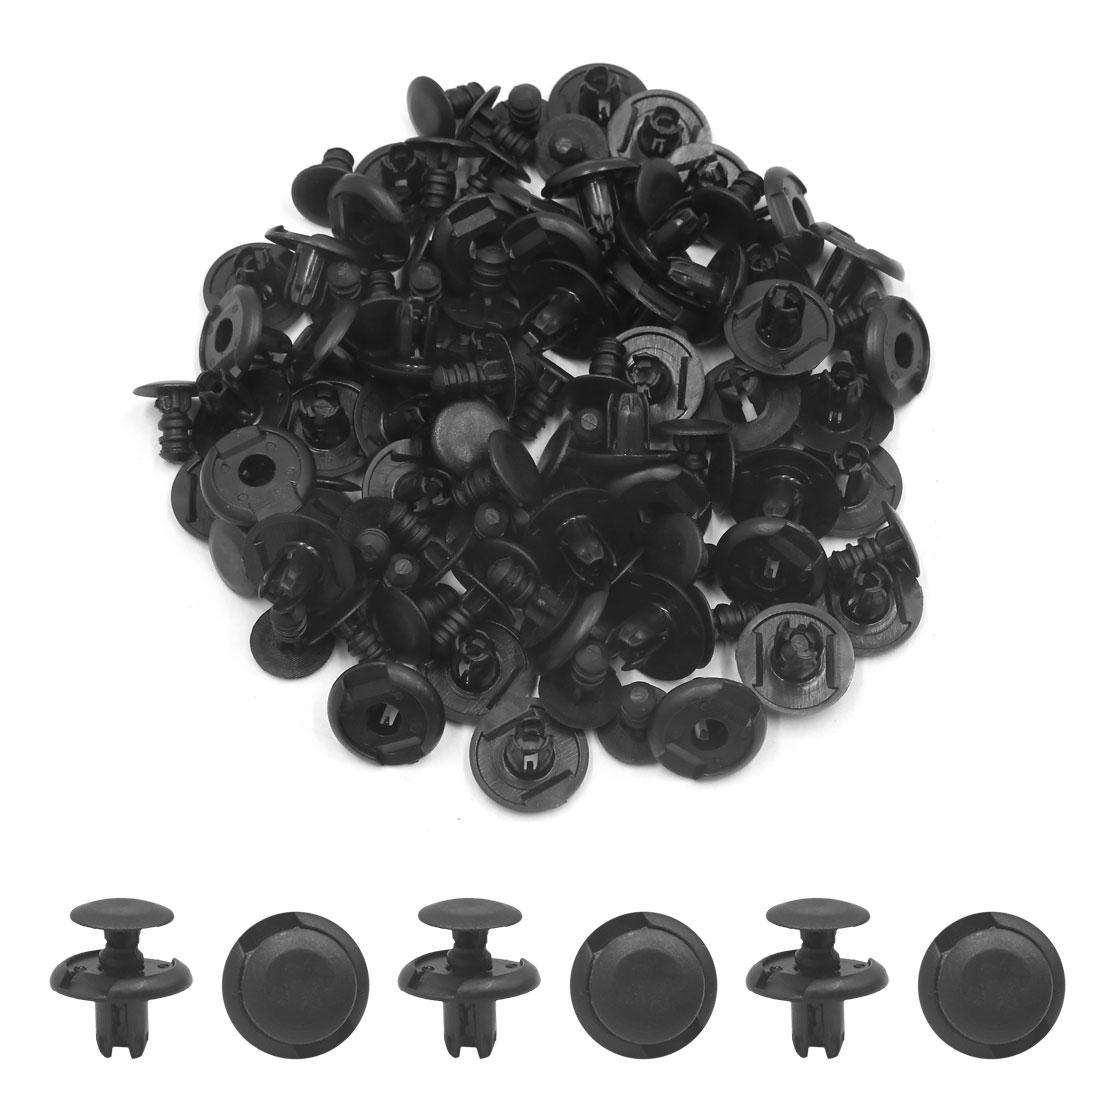 50 Pcs 8mm Trou Diamètre En Plastique Rivet Fixation Aile de Voiture Pare-chocs Clip Pousser Noir - image 1 de 2